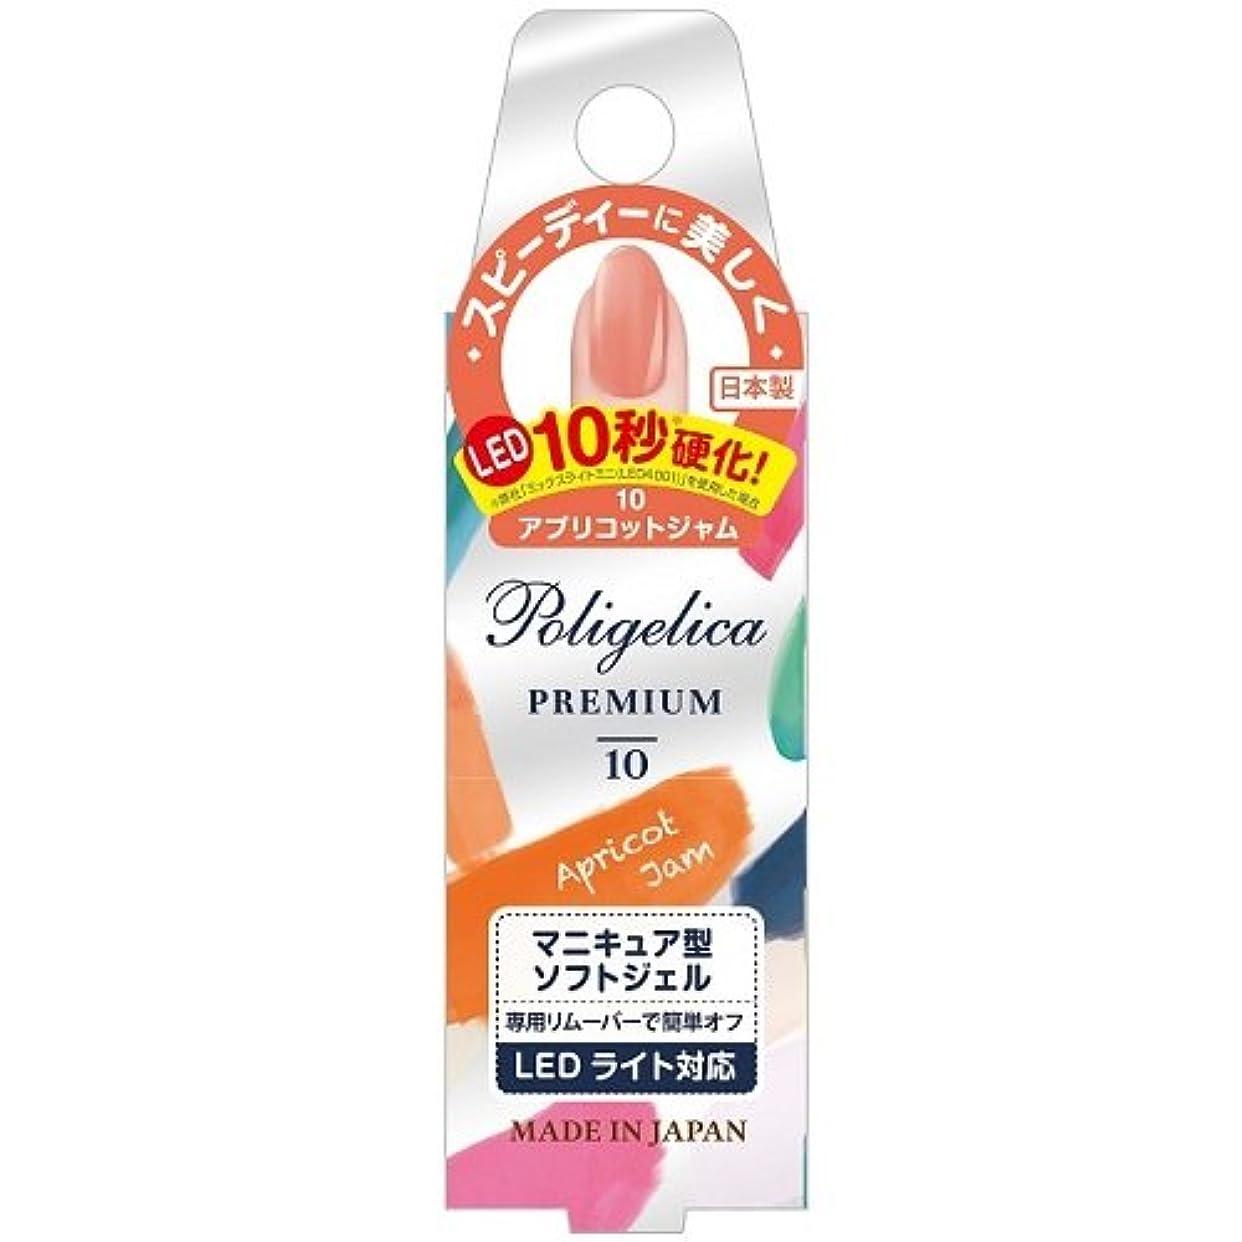 波菊カニBW ポリジェリカプレミアム カラージェル 1010/アプリコットジャム (6g)